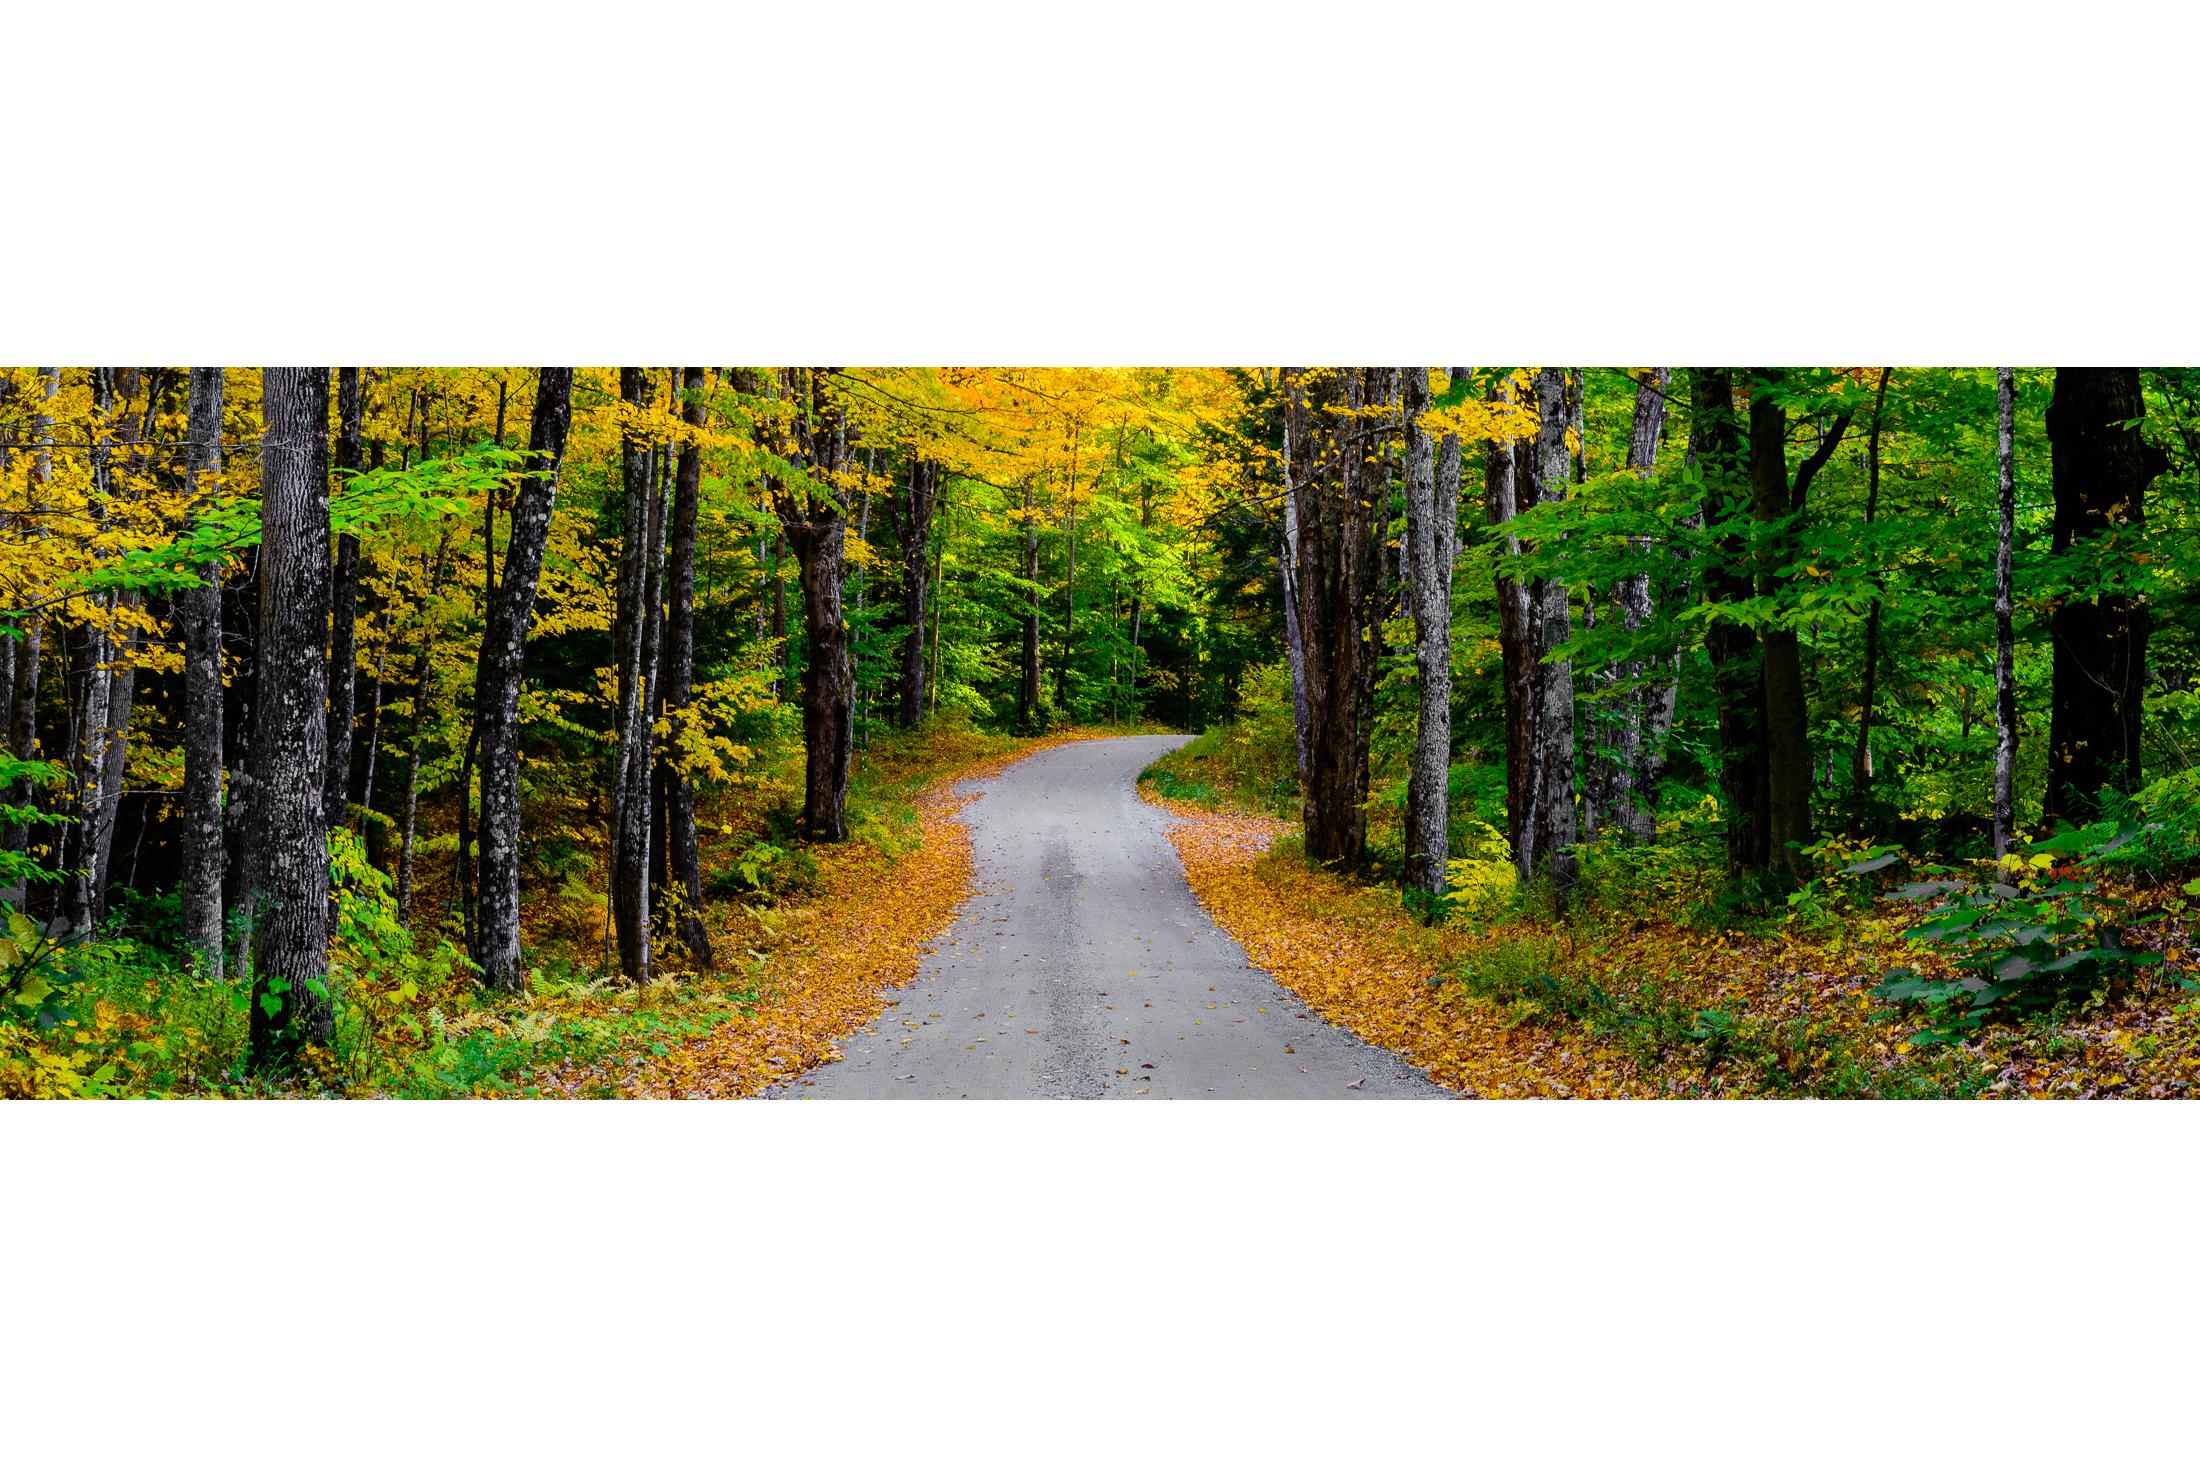 Cloudland Road in Autumn